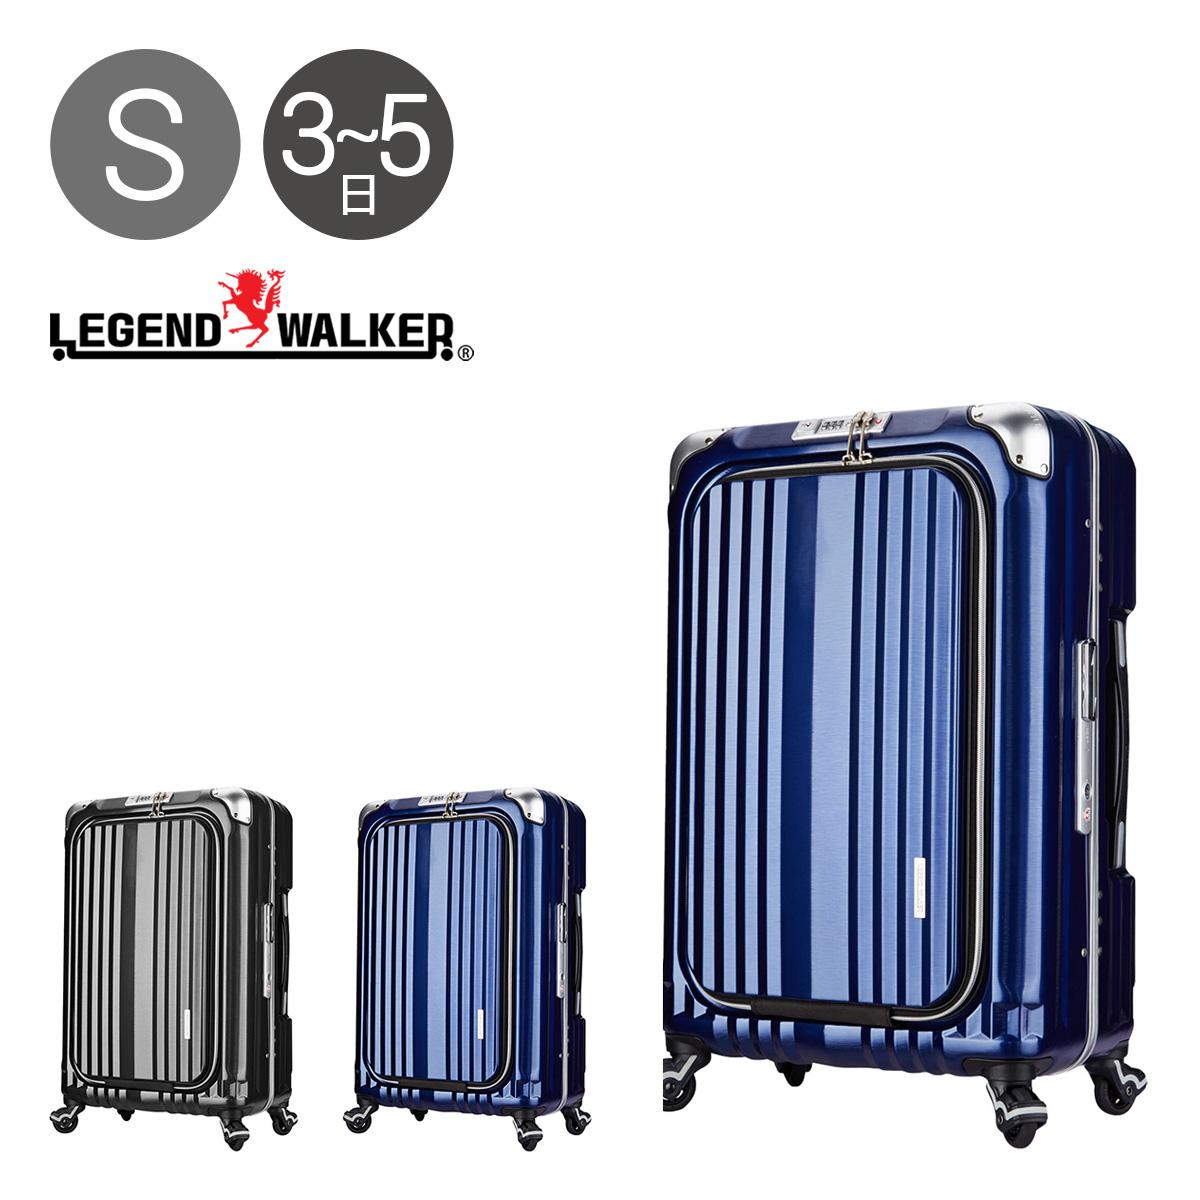 レジェンドウォーカー グラン LEGEND WALKER GRAND スーツケース 6603-58 58cm BLADE 【 キャリーケース ハードケース ビジネスキャリー フロントオープン 出張 TSAロック搭載 3年保証 】[PO10][bef]